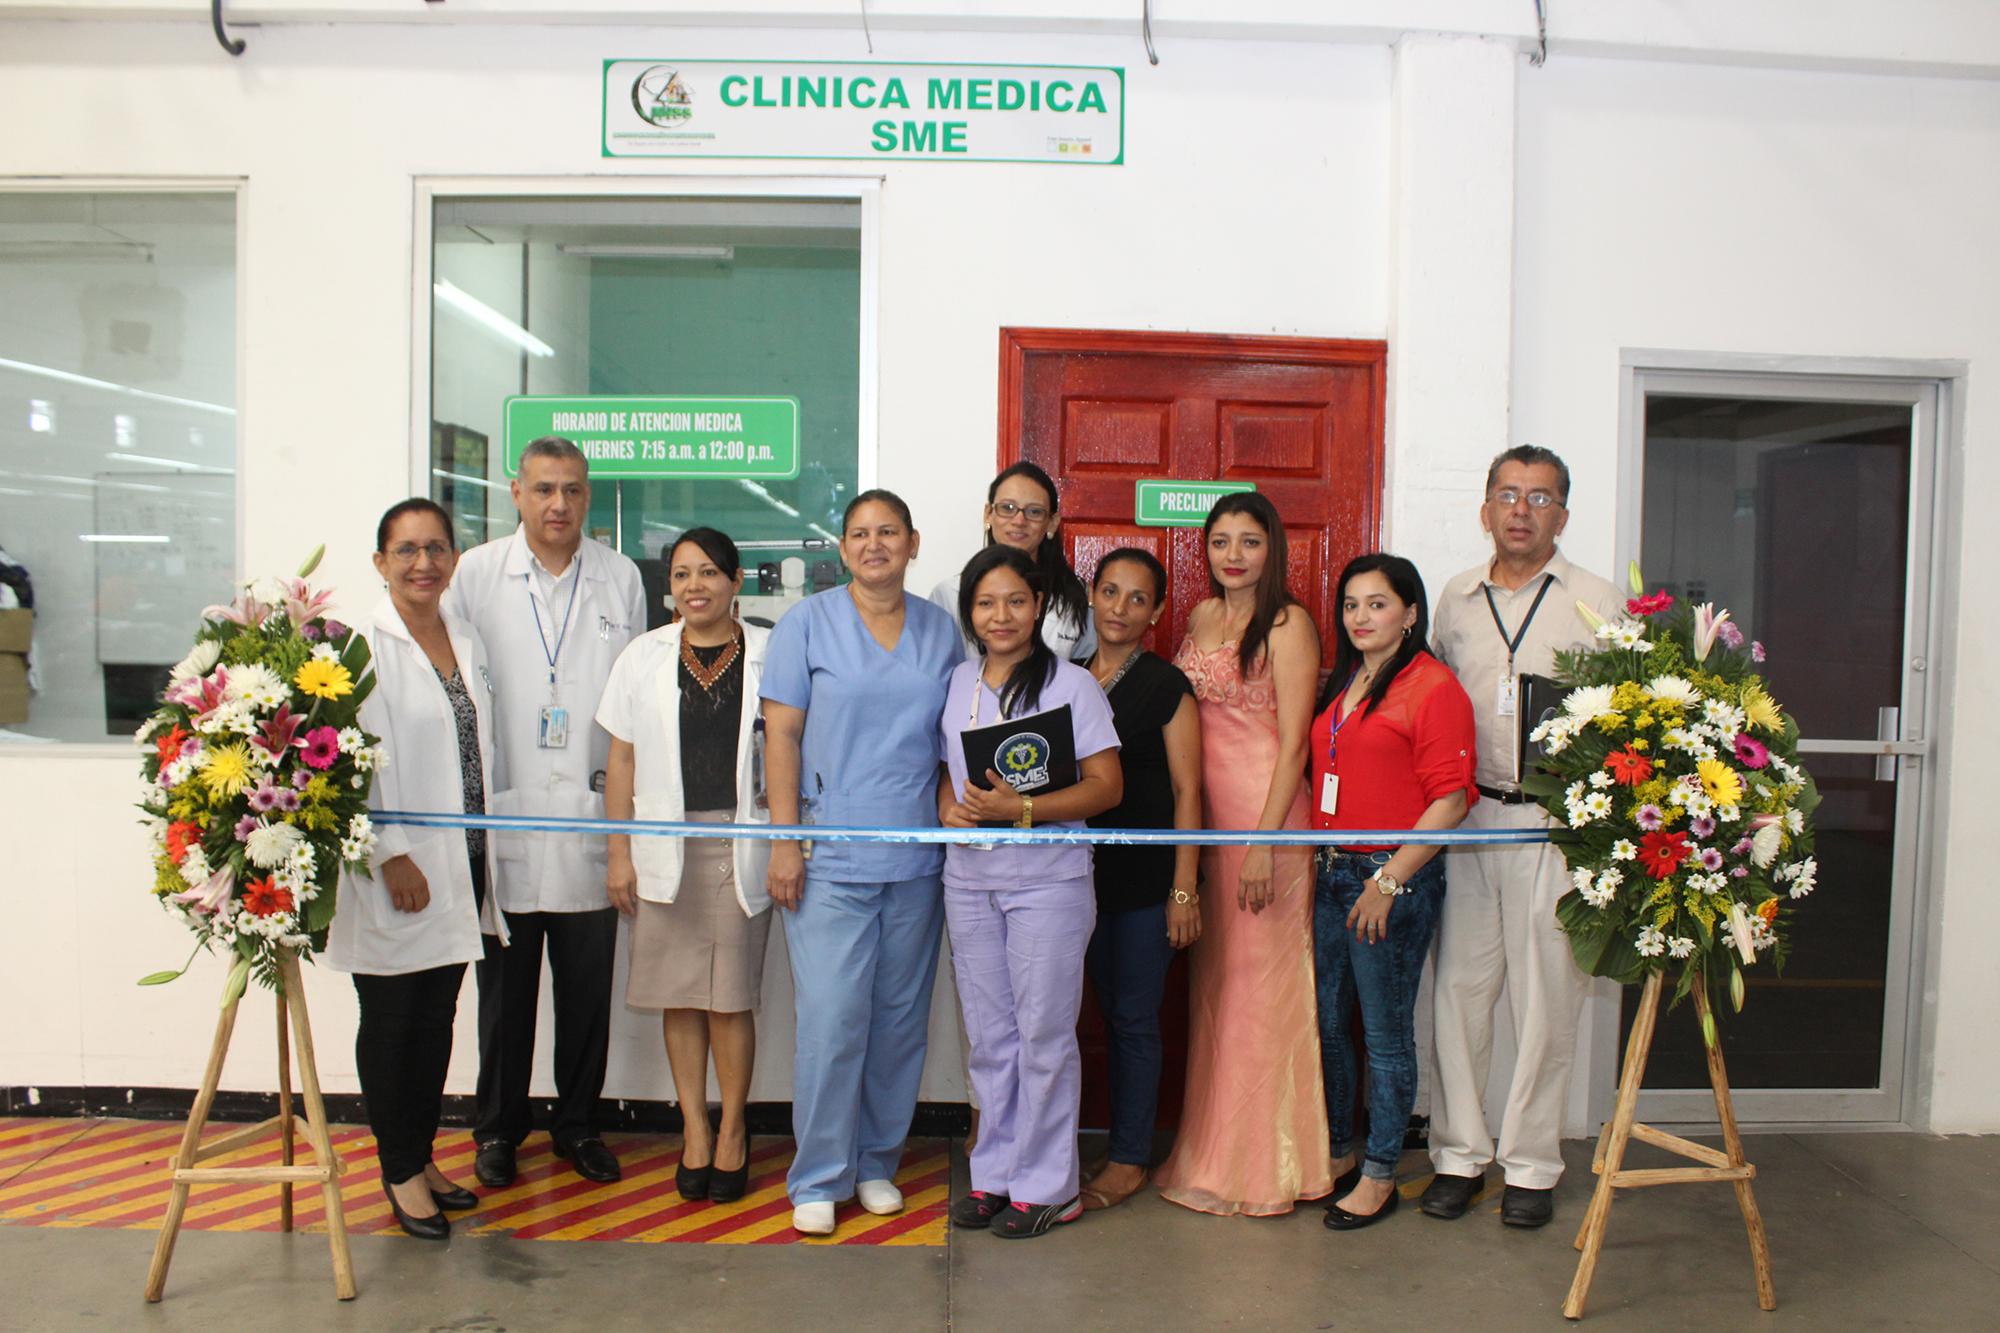 ... 118 aperturó el Sistema Médico Empresa en las instalaciones de la  fábrica Four Seasons Apparel Honduras aafc07fefb7